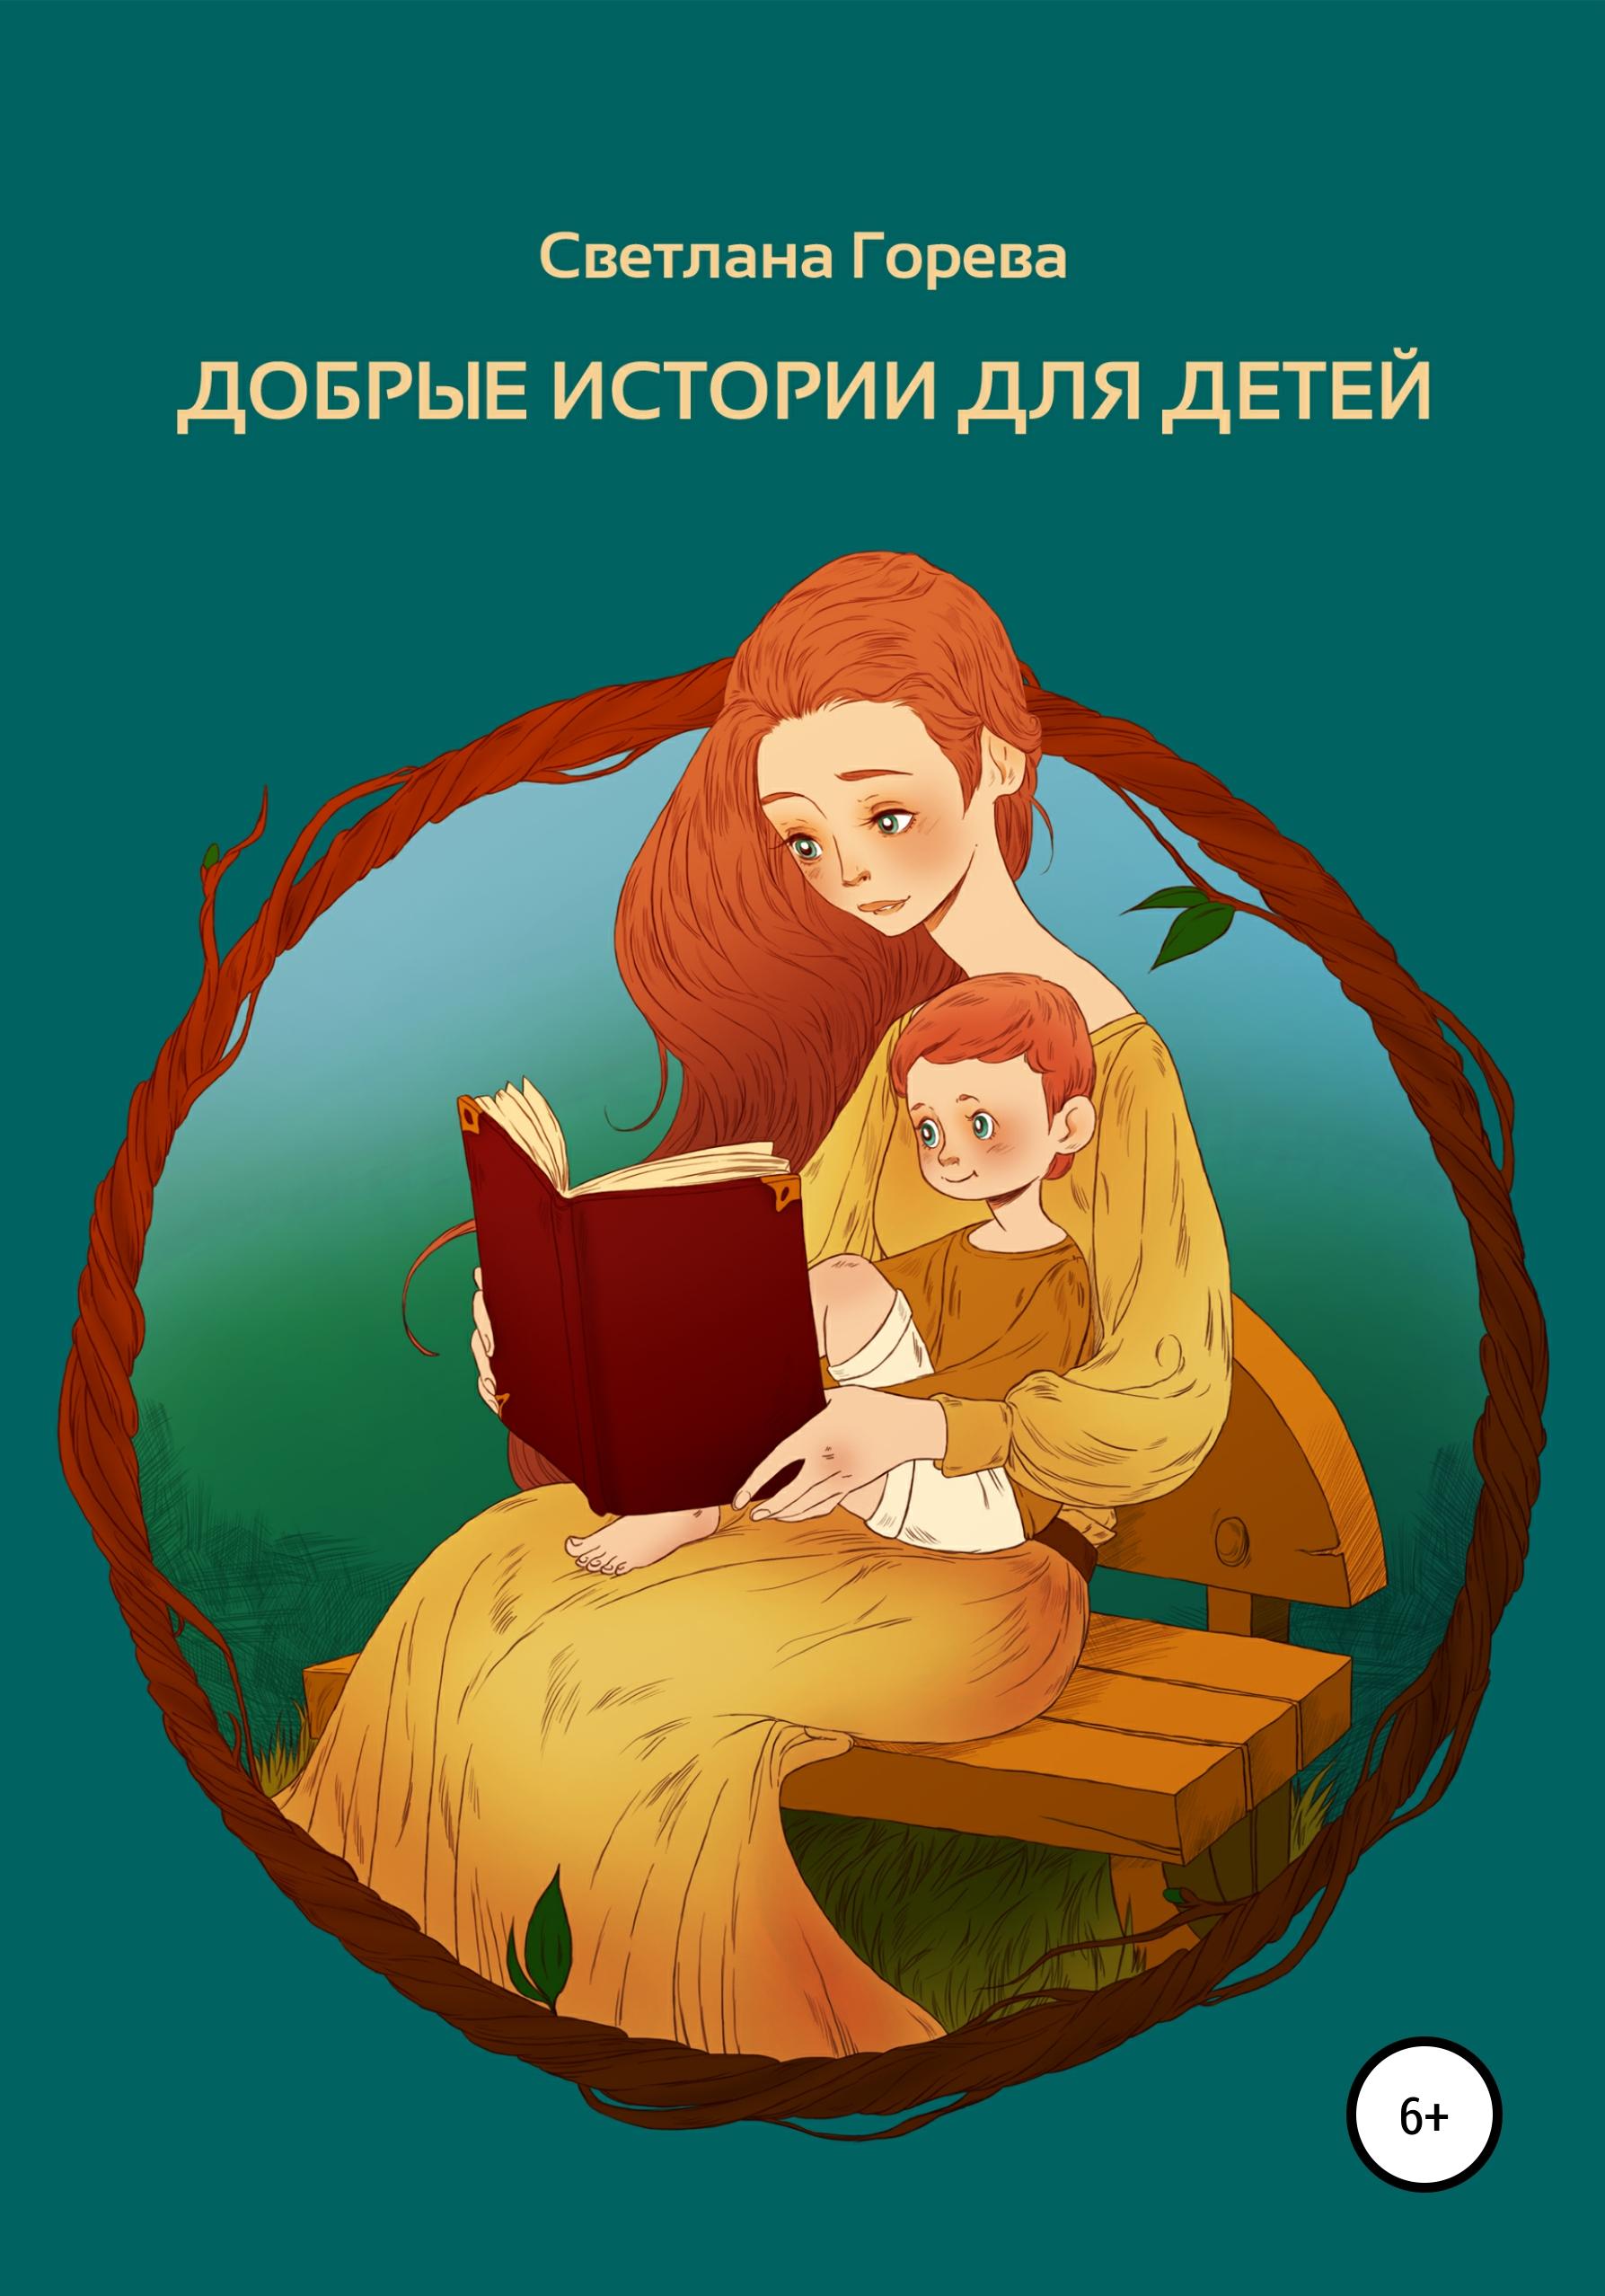 Добрые истории для детей